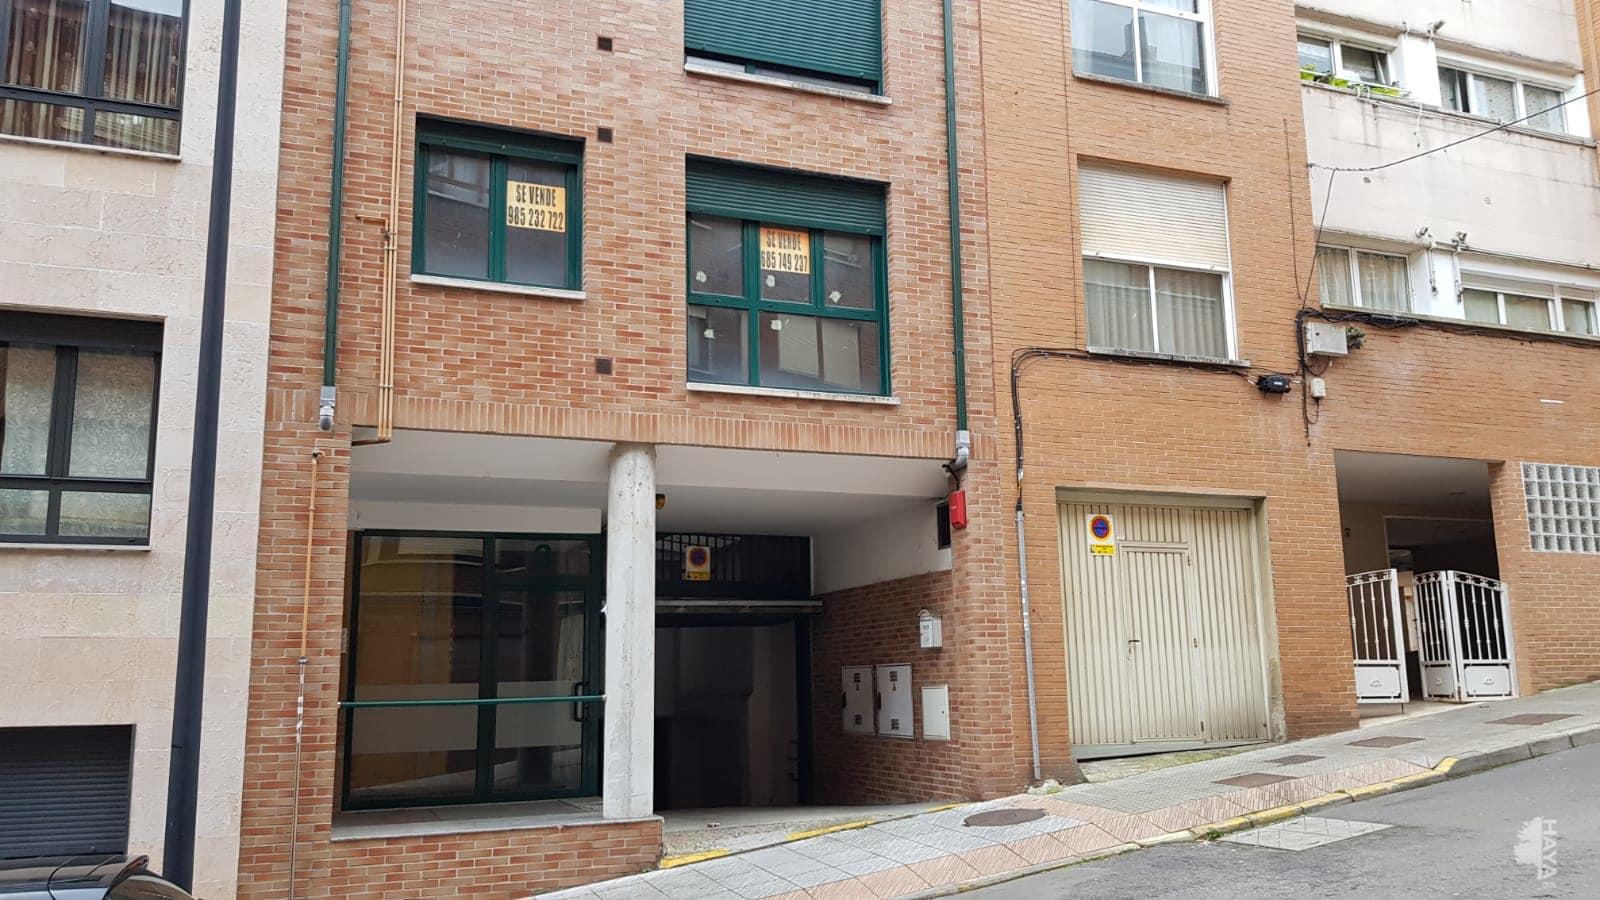 Piso en venta en Lena, Asturias, Calle Monte Ablanedo, 113.000 €, 4 habitaciones, 1 baño, 180 m2